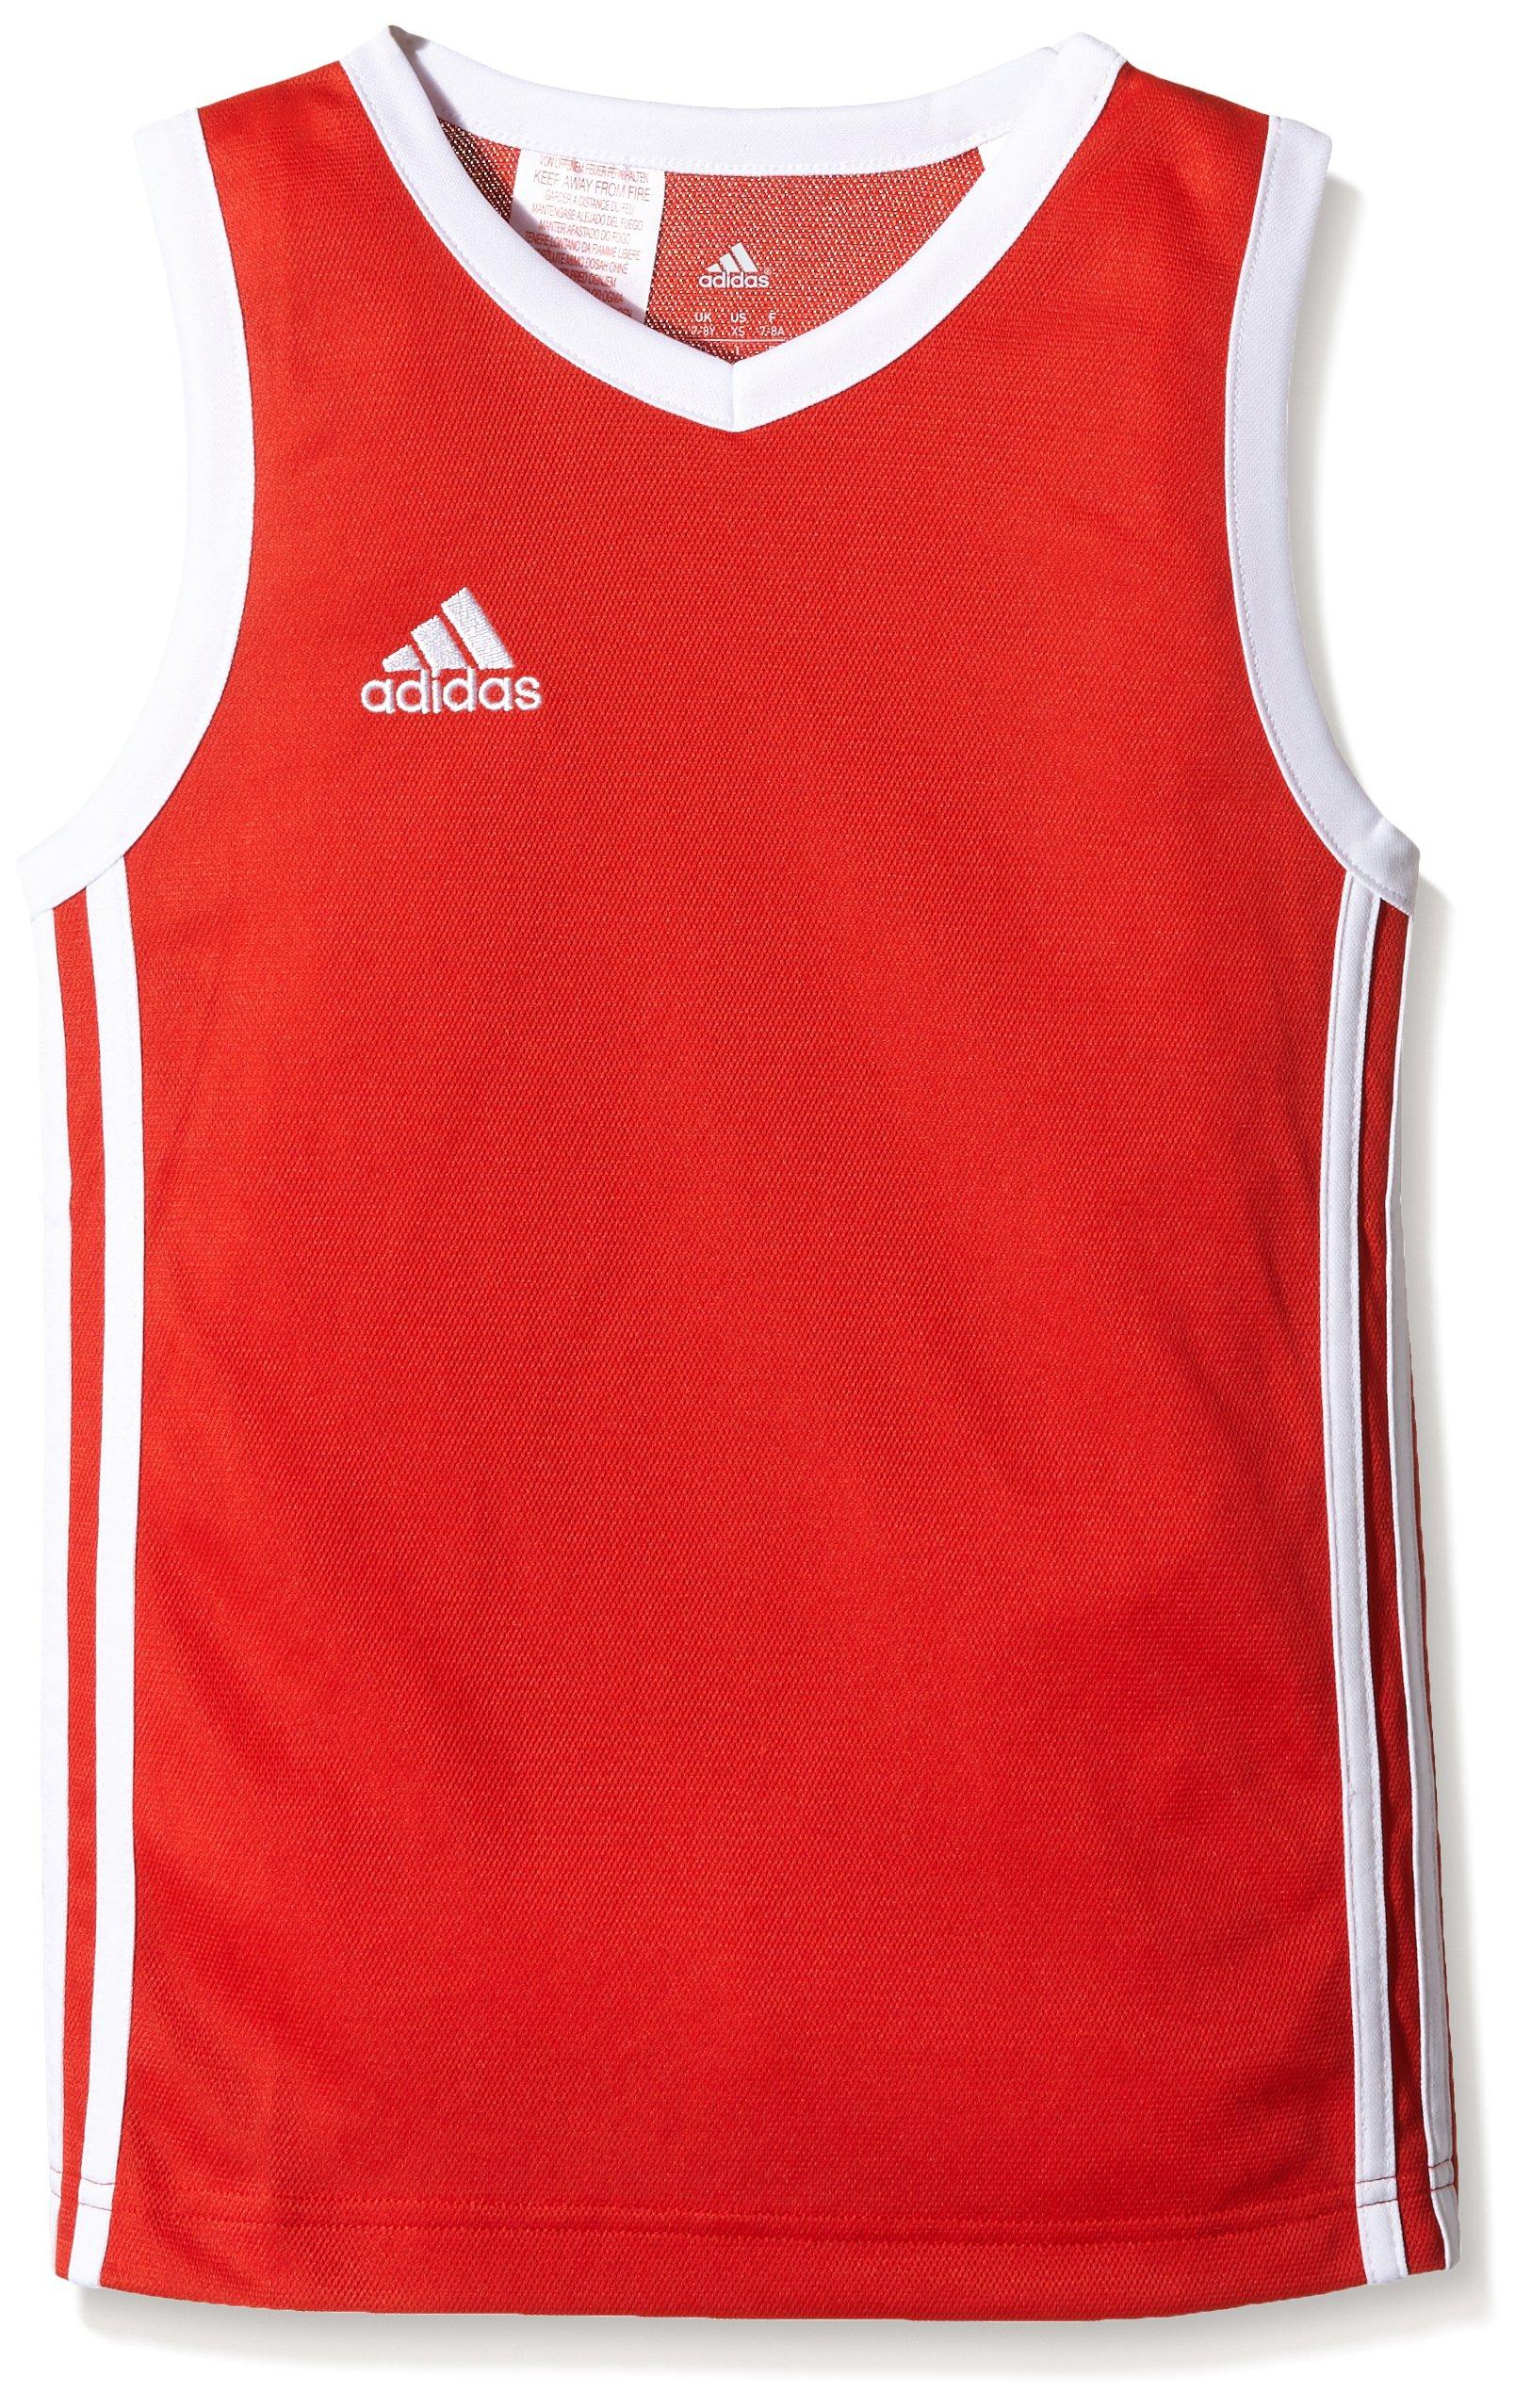 Adidas, Canotta da basket Bambino, Rosso (Rot/Weiß), 140 cm